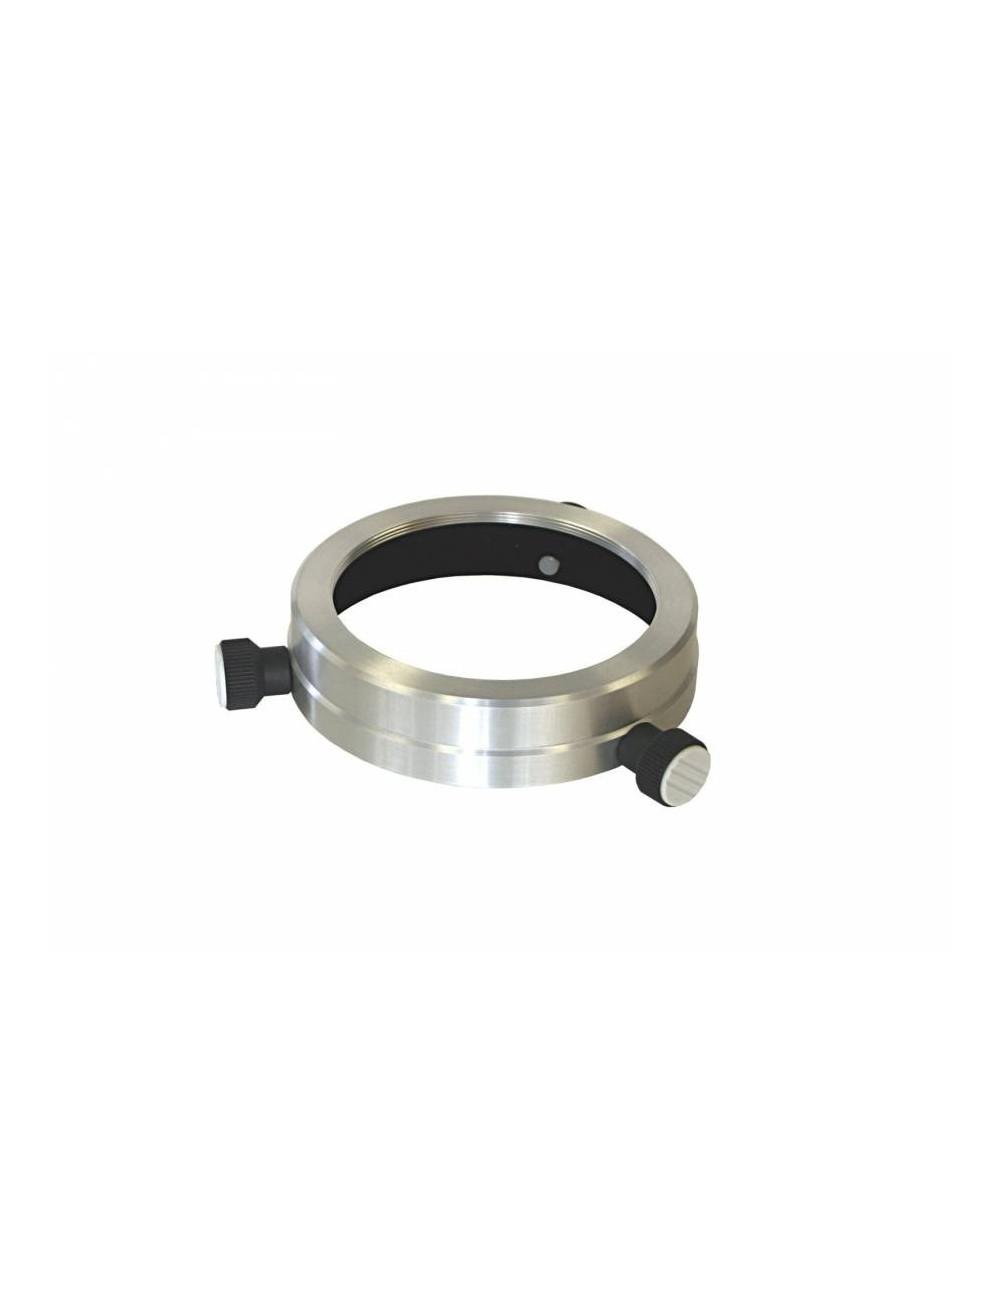 Adaptateur pour filtres solaires LUNT LS100FHa pour instrument avec un diamètre extérieur entre 121 et 140mm